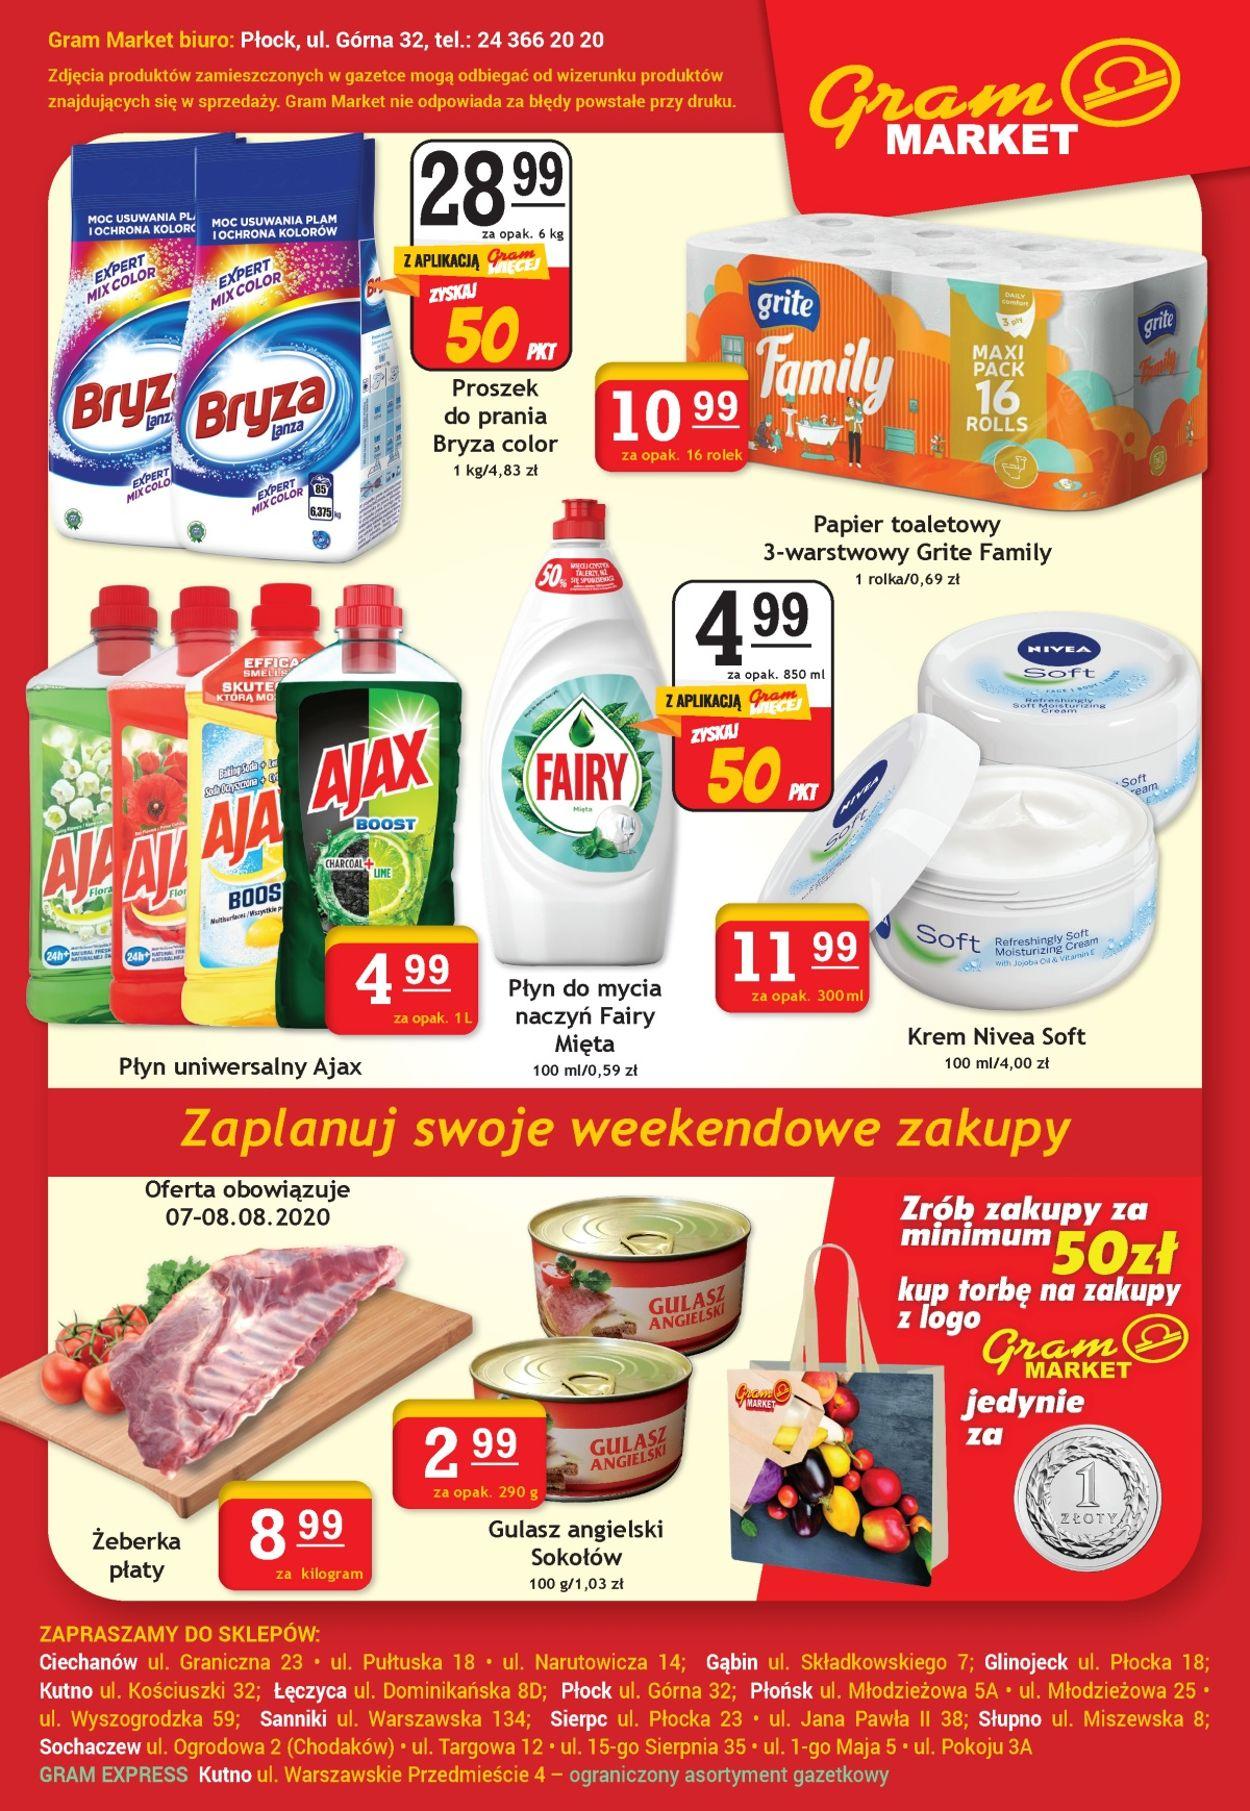 Gazetka promocyjna Gram Market - 05.08-11.08.2020 (Strona 8)